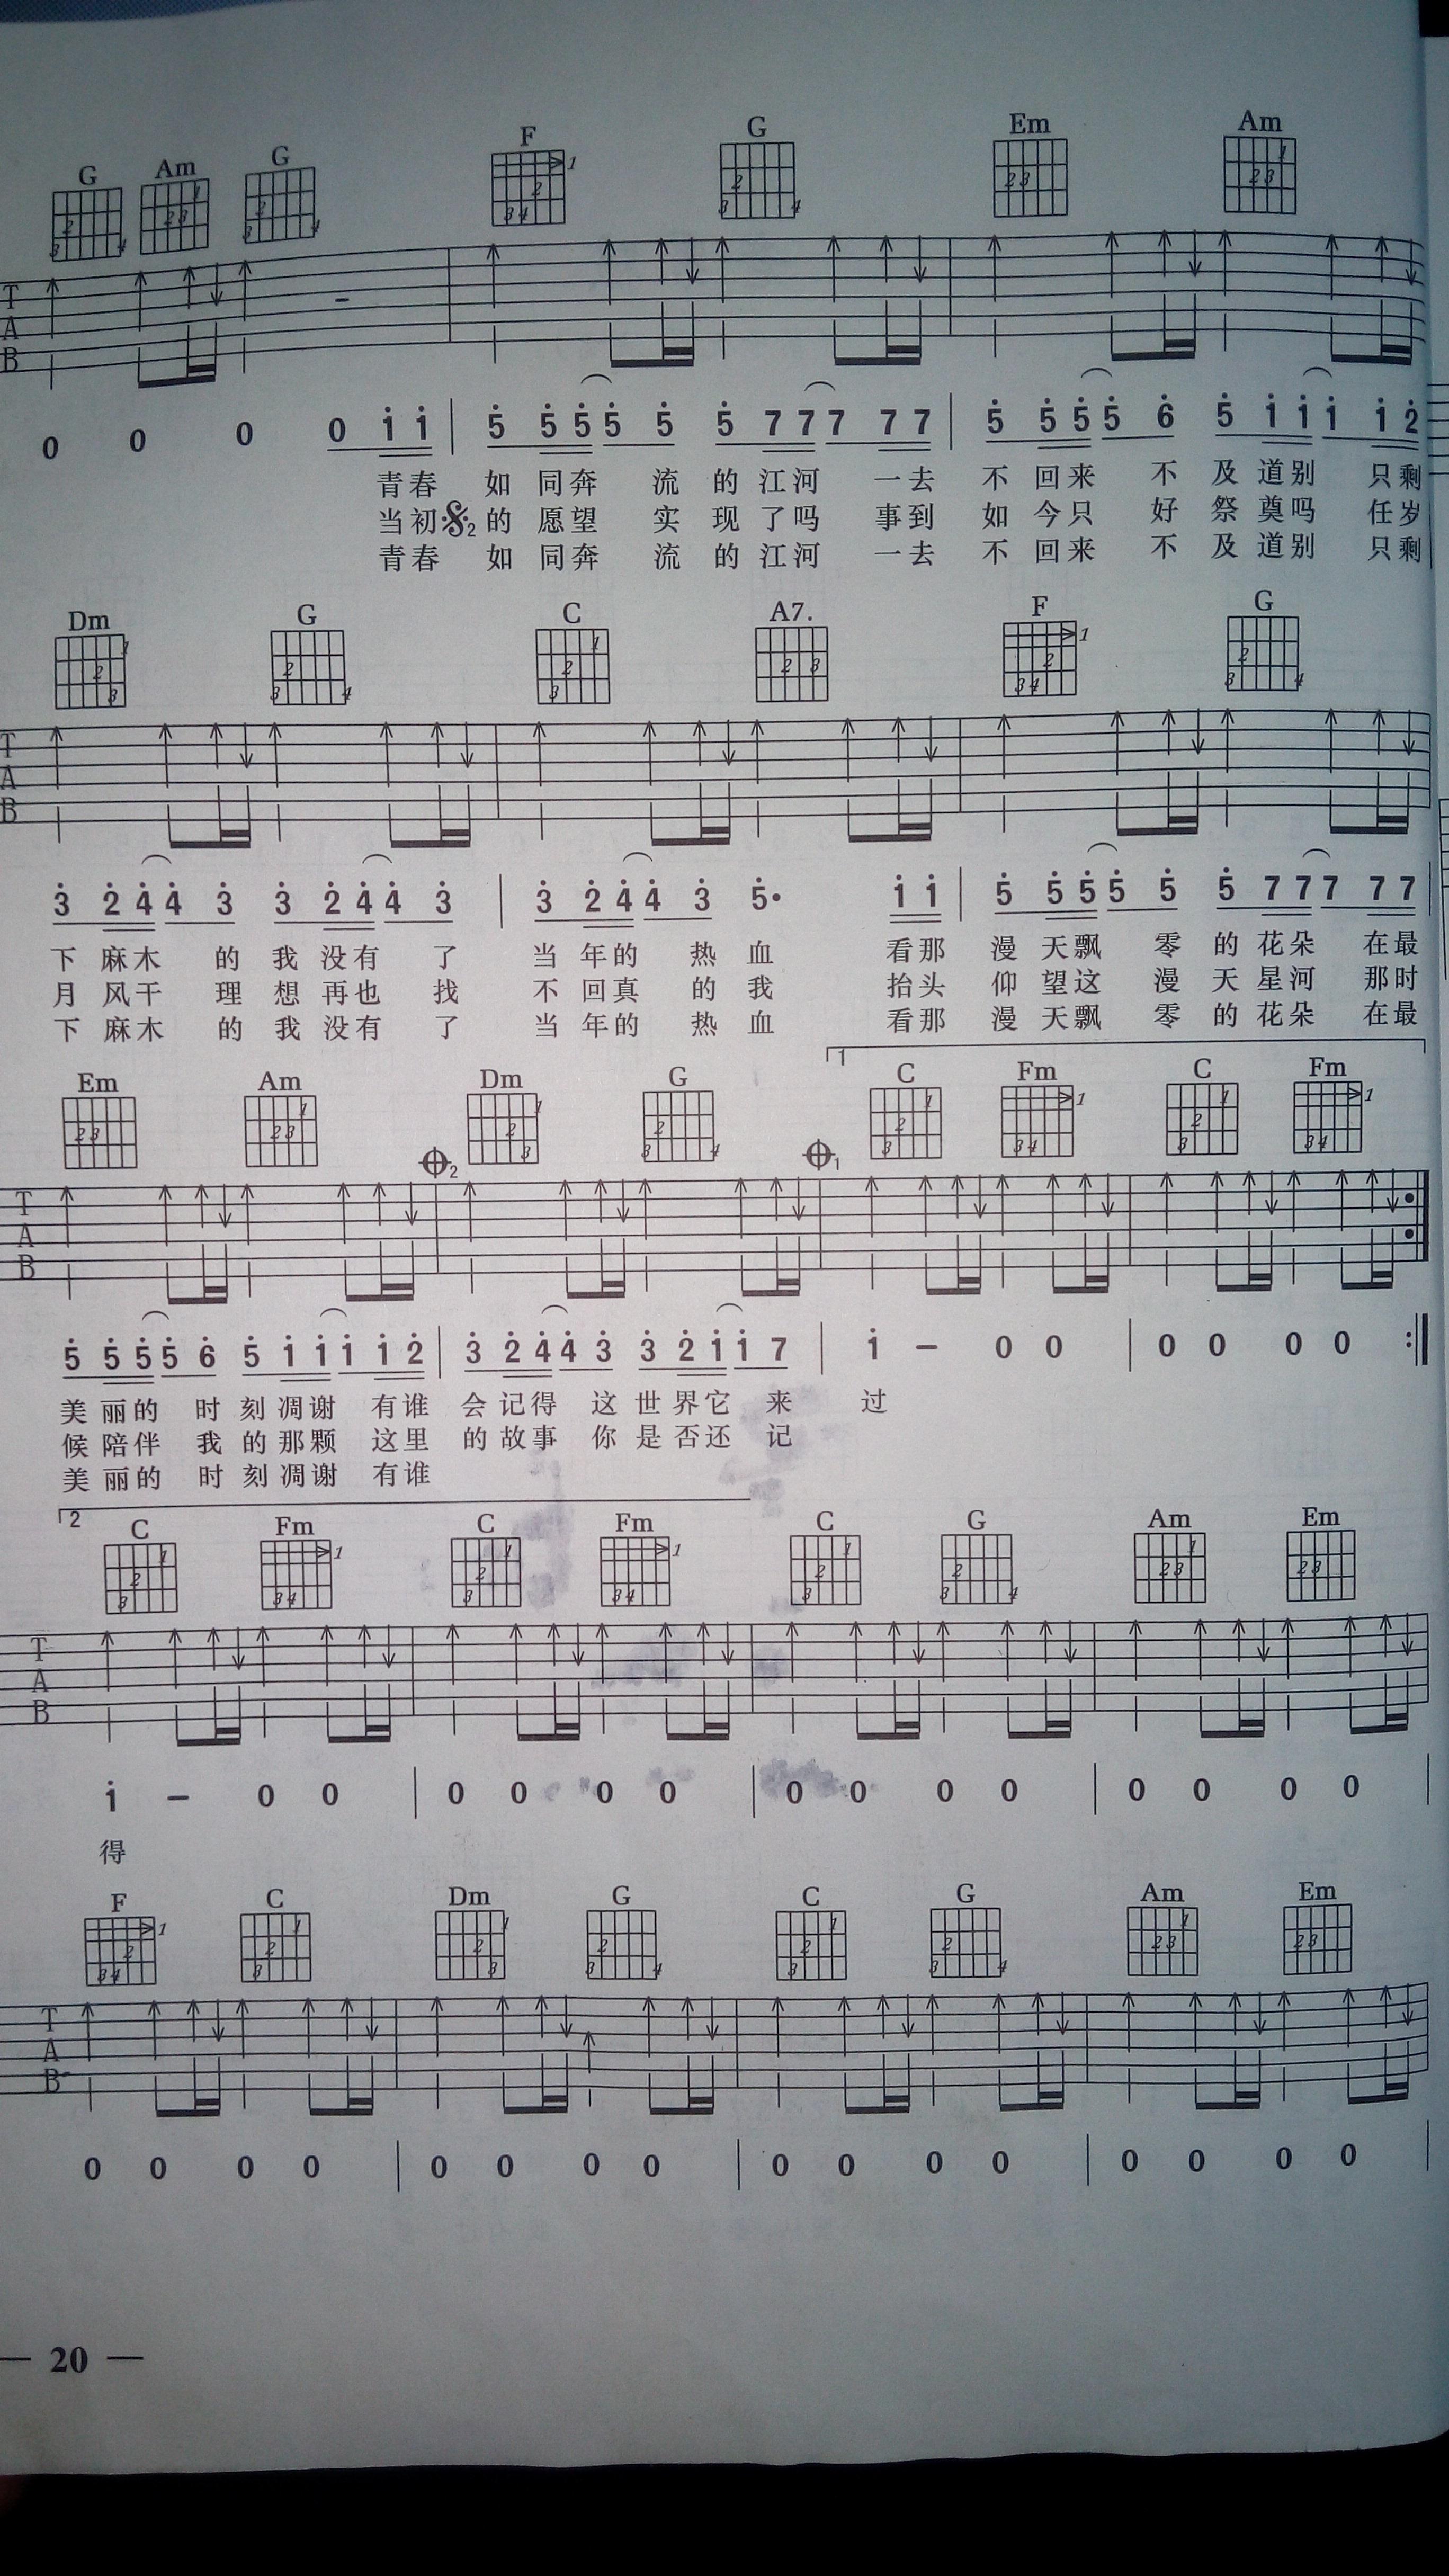 老男孩 吉他谱简单版